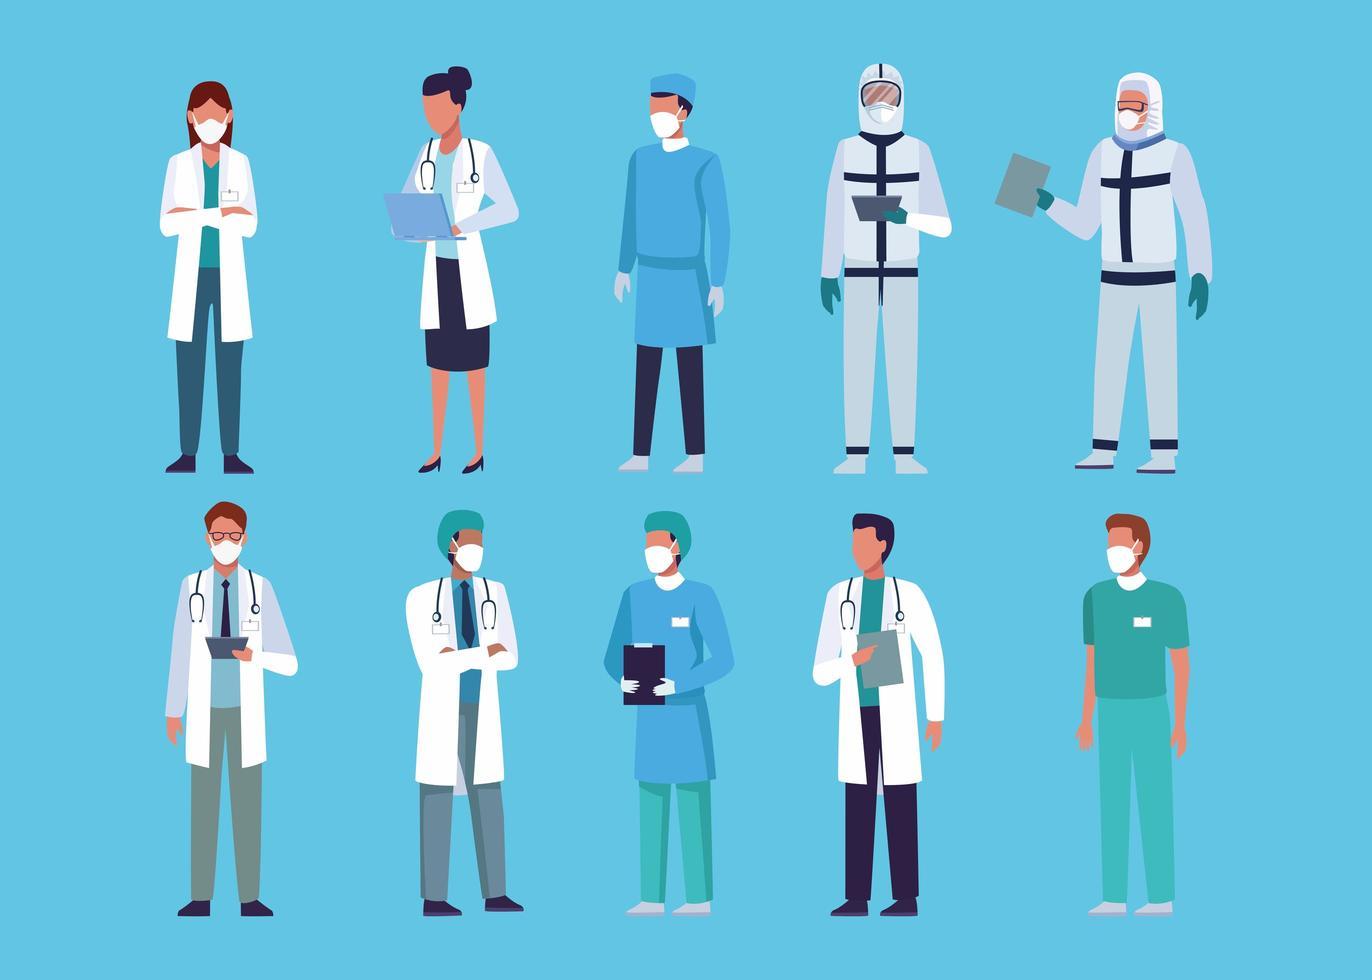 Sammlung von Ärzten, die medizinische Masken tragen vektor